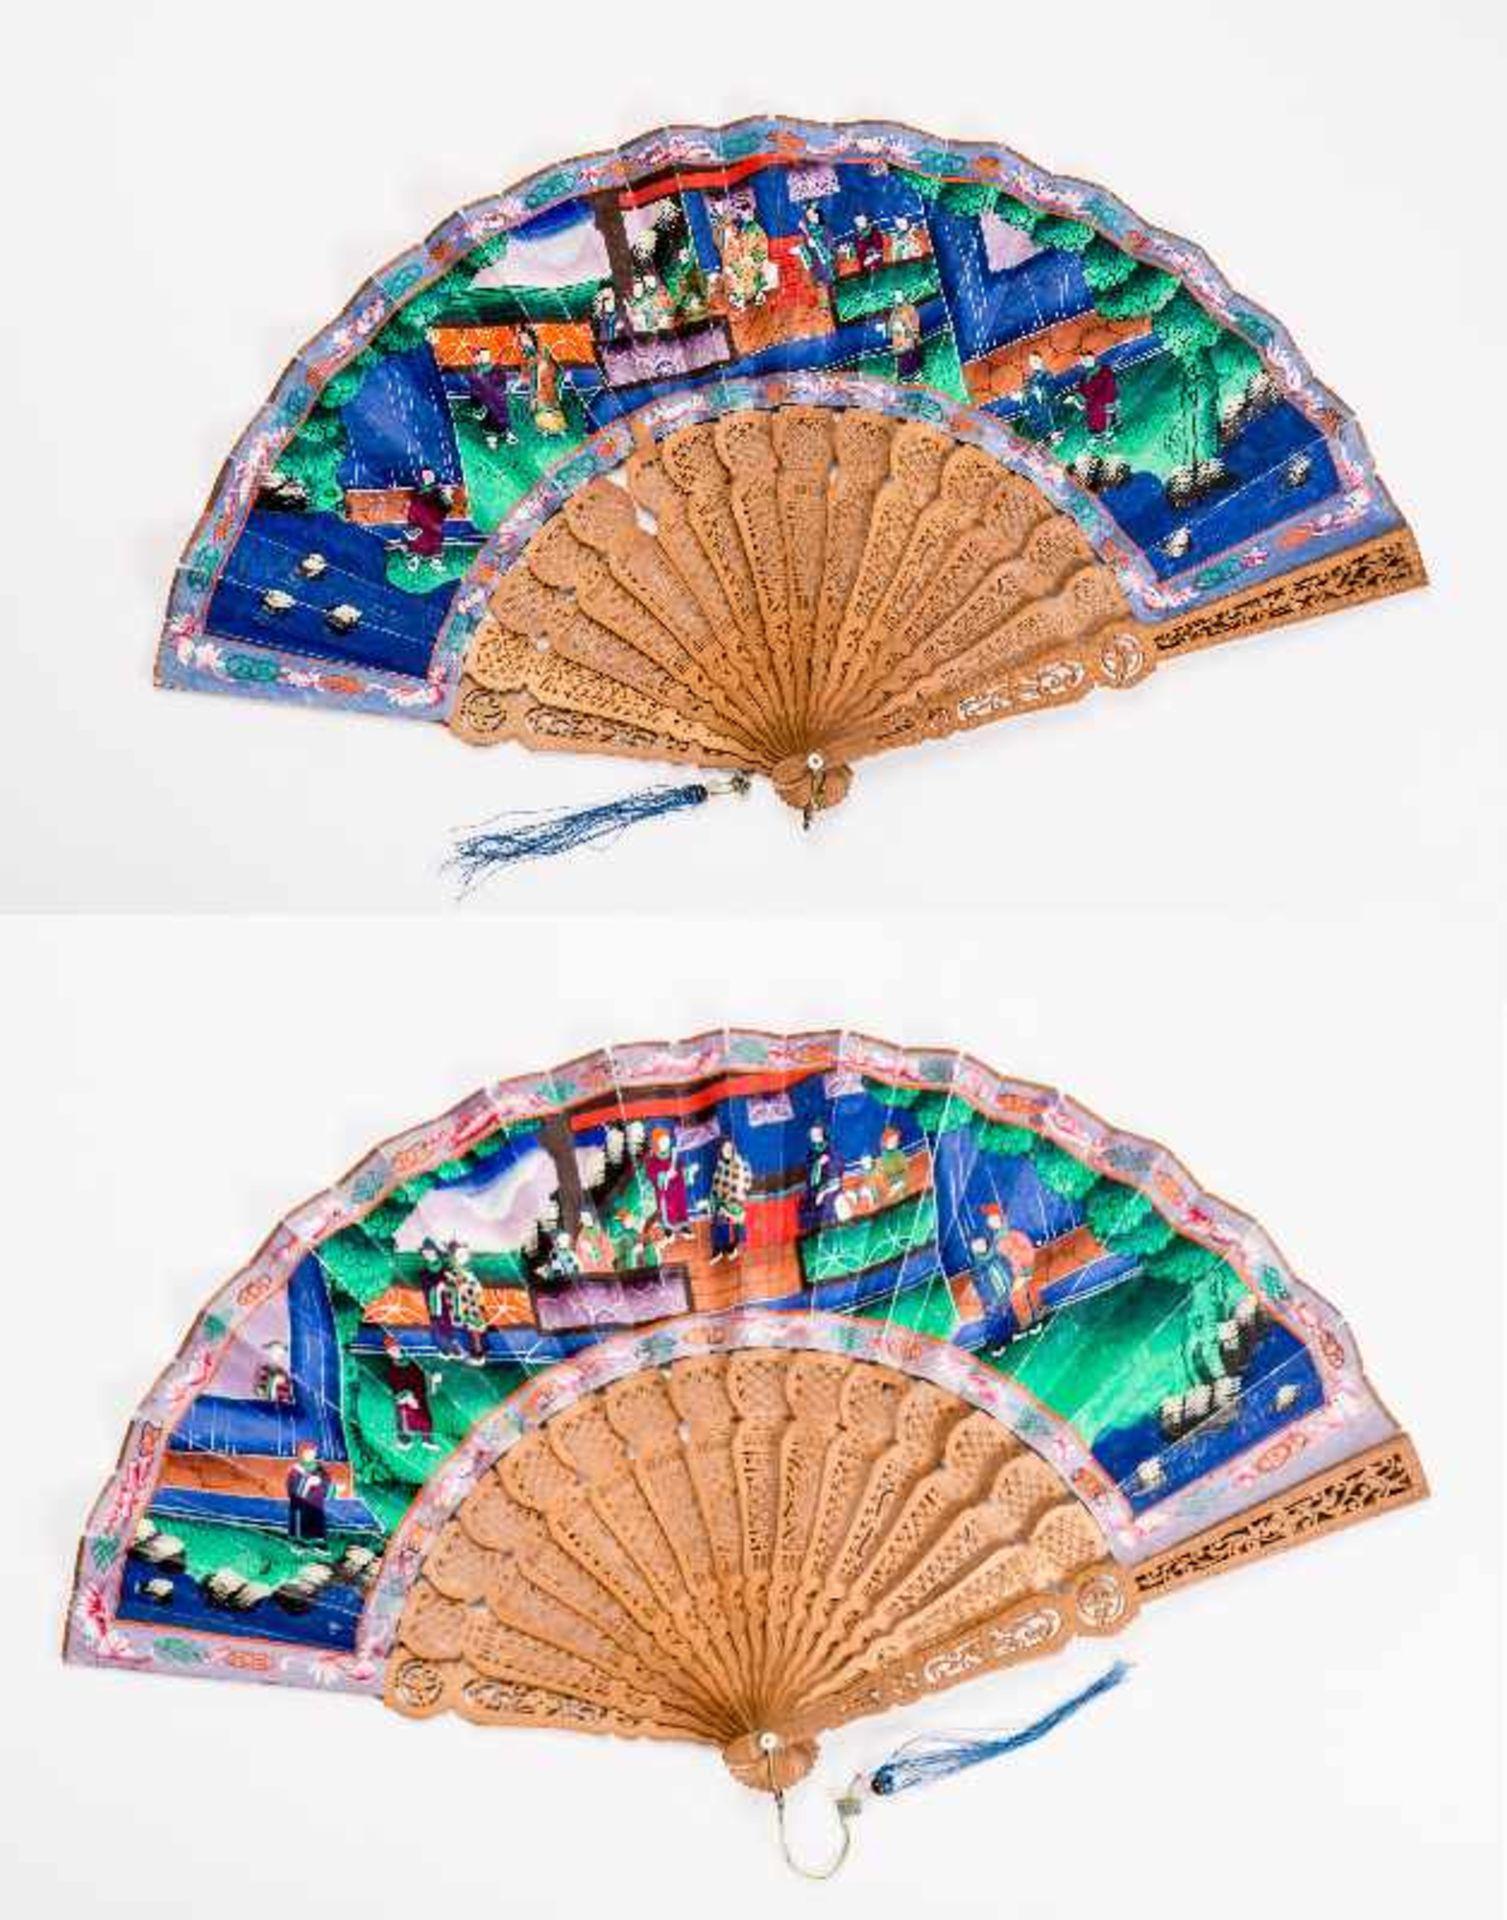 MANDARIN-FALTFÄCHER MIT FIGURALEN SZENEN Gouache, Seide, Elfenbein, Holz. China, späte Qing-Dynastie